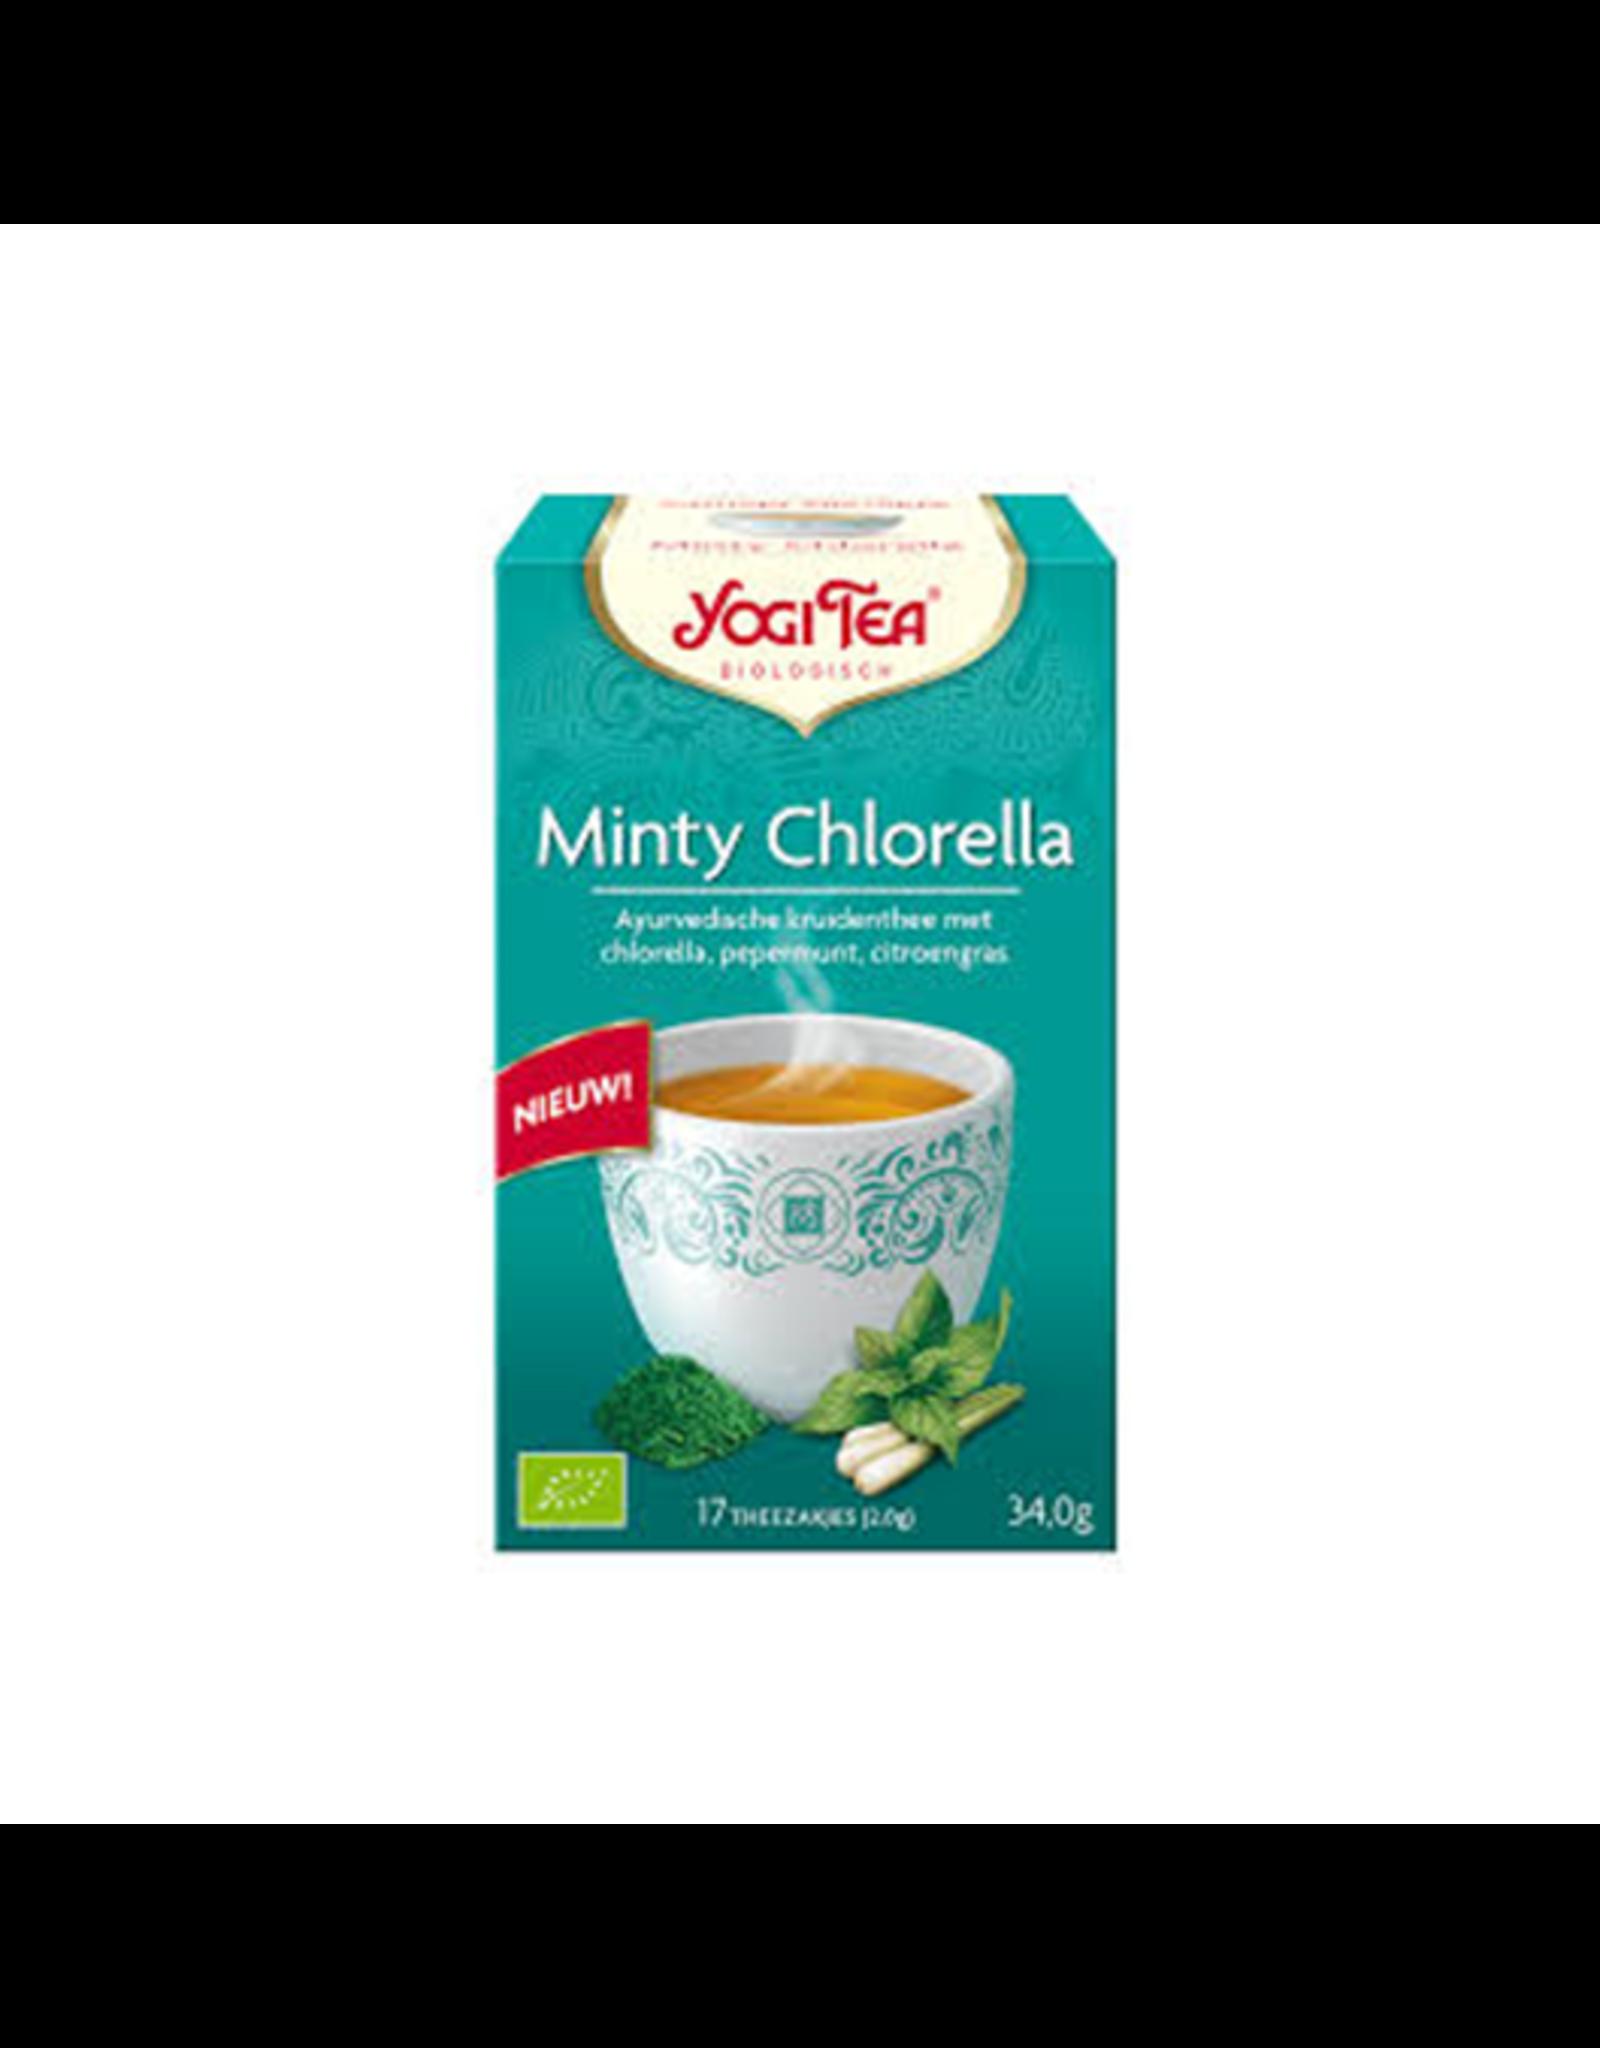 Yogi Tea Minty Chlorella